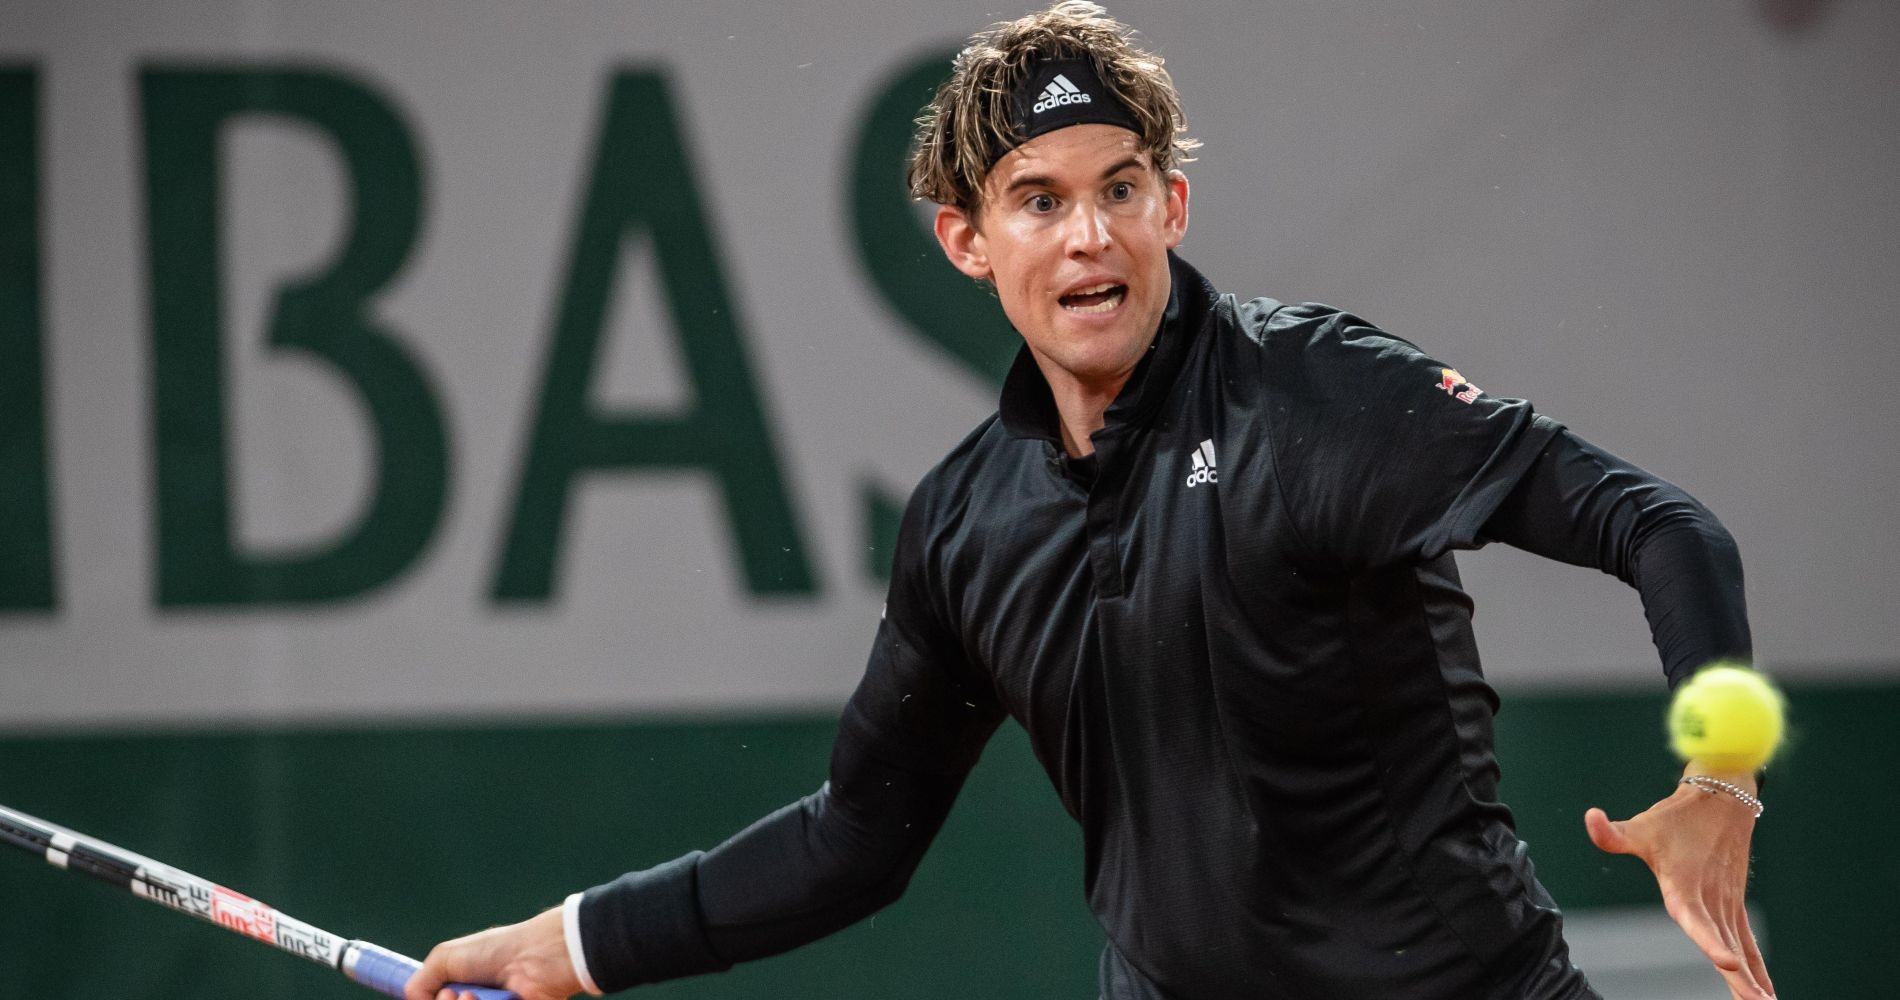 Thiem Roland Garros 2020